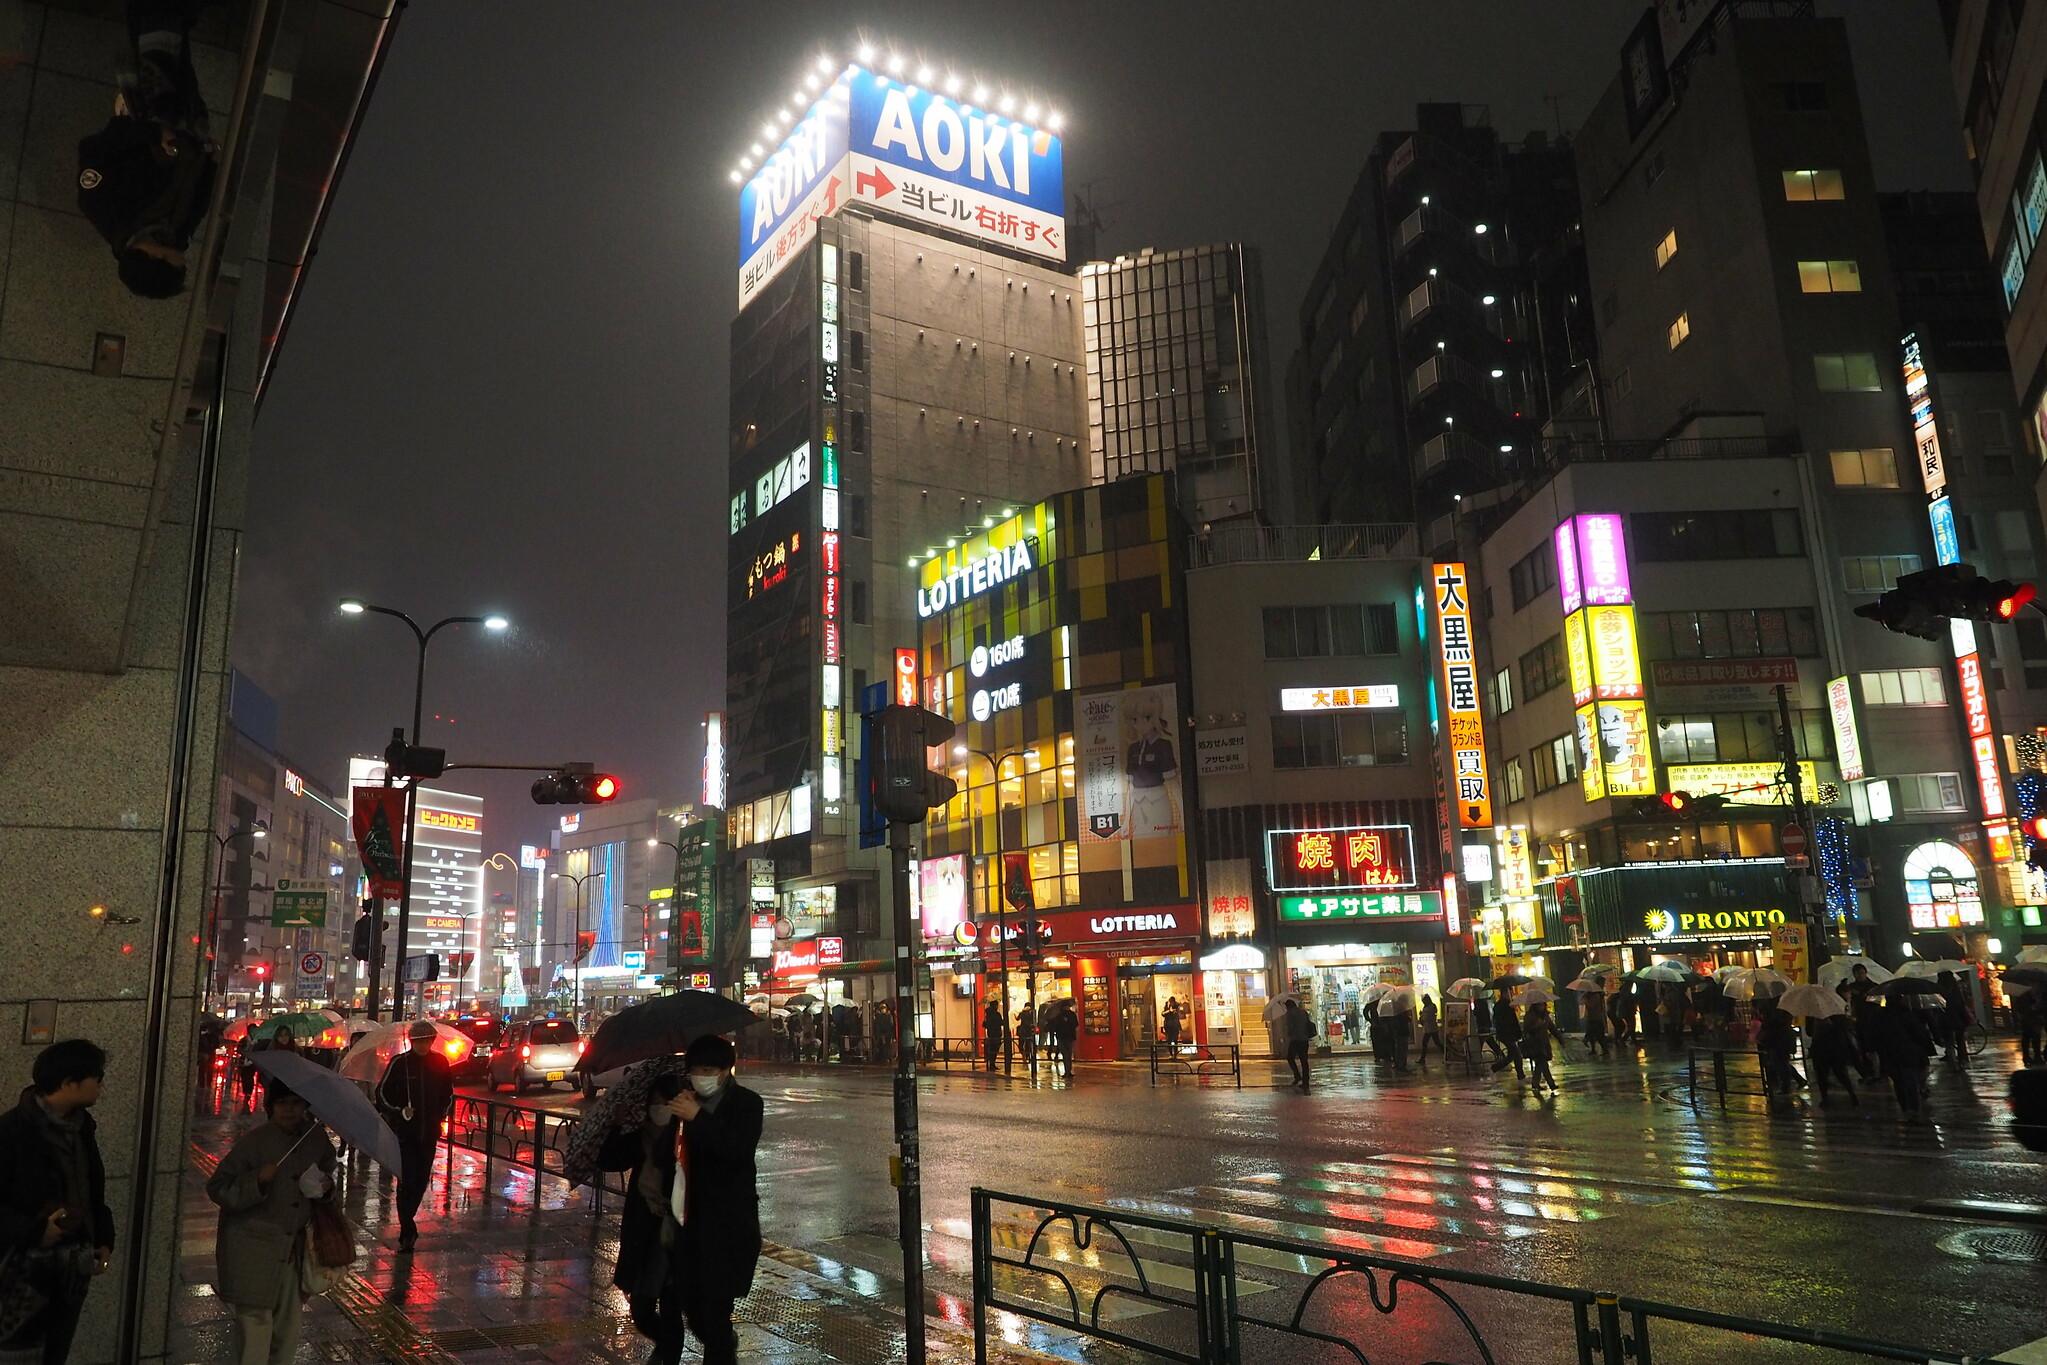 東京 池袋 by othree